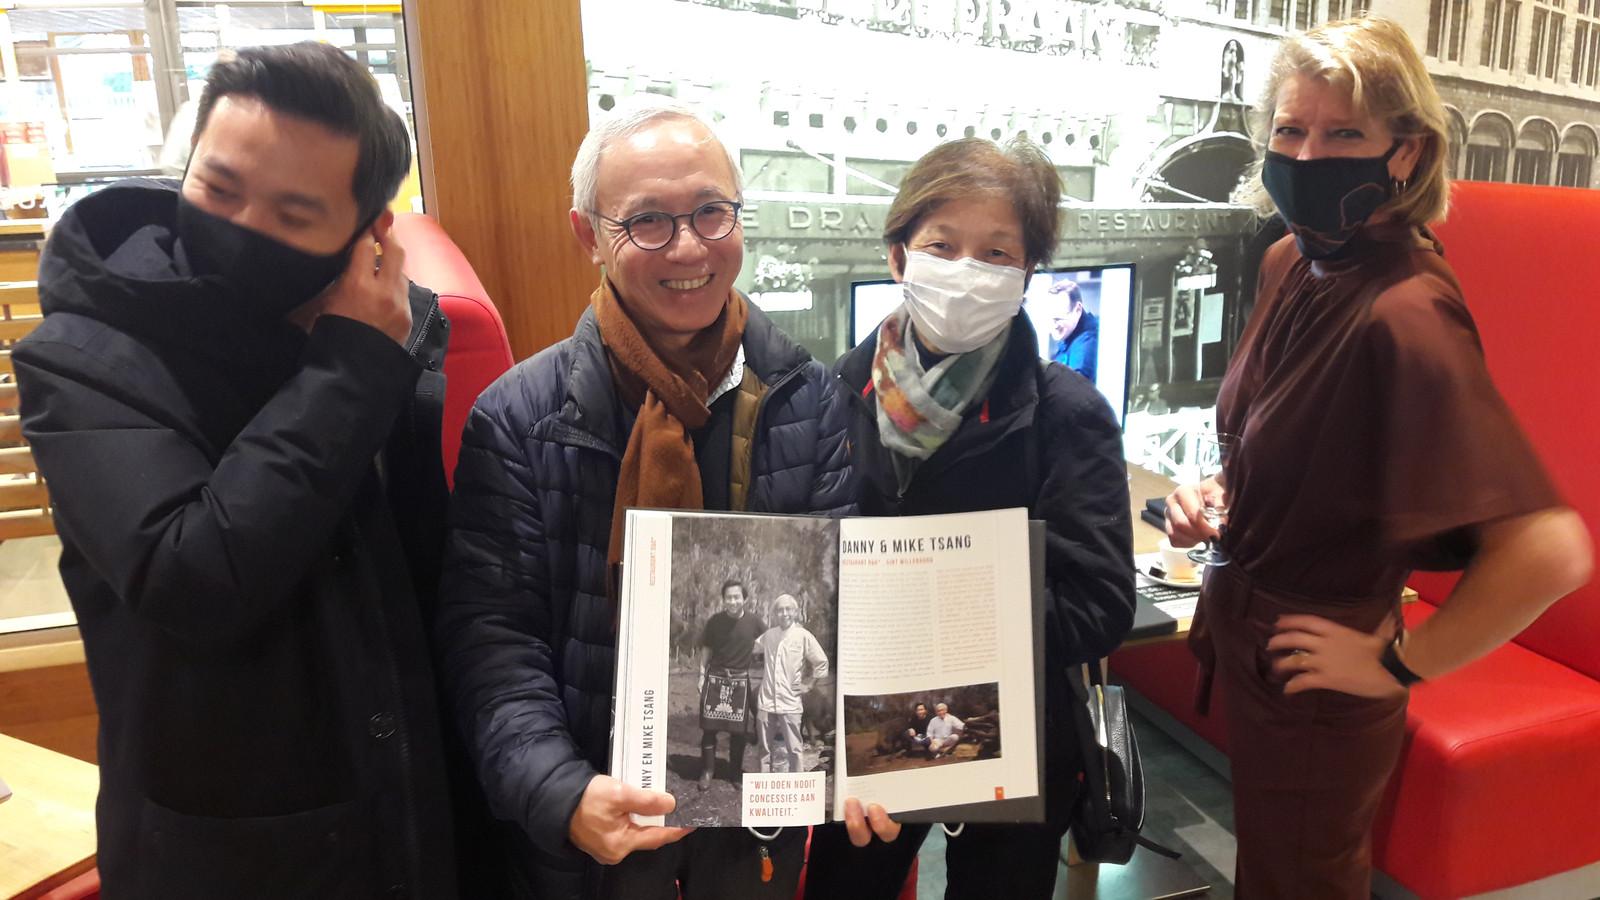 Auteur Margot Haest uit Bergen op Zoom (rechts) bij de presentatie van haar boek 'De Smaak van De Brabantse Wal' met de familie Tsang van restaurant O&O in Sint Willebrord.